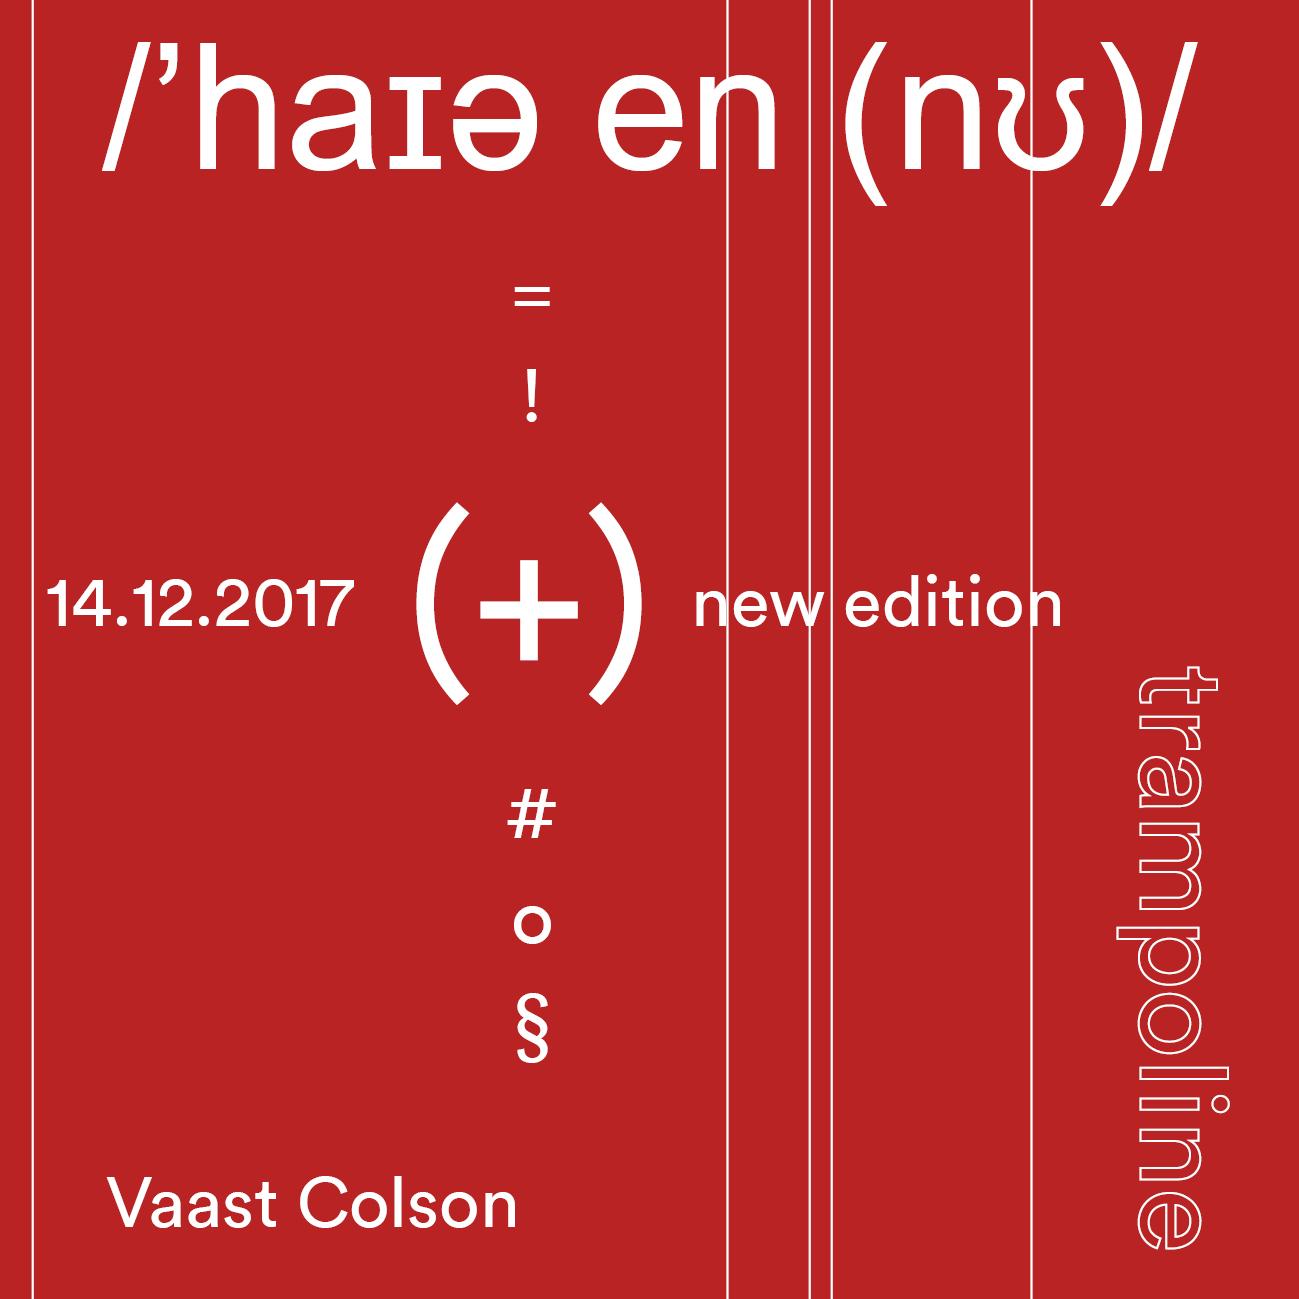 /'haɪə en (nʊ)/